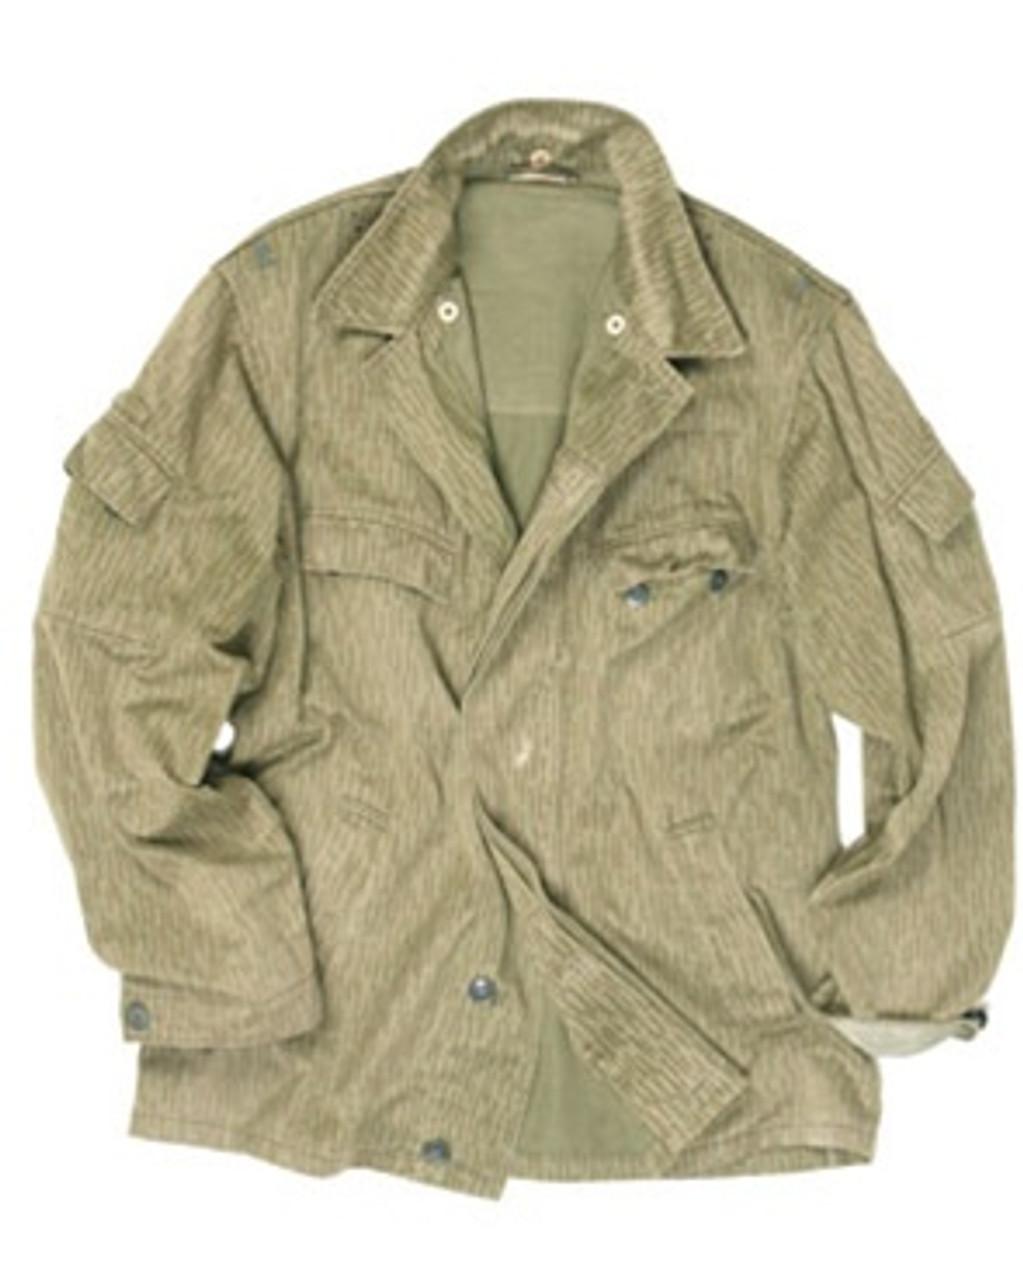 East German Camo Summer Jacket from Hessen Surplus